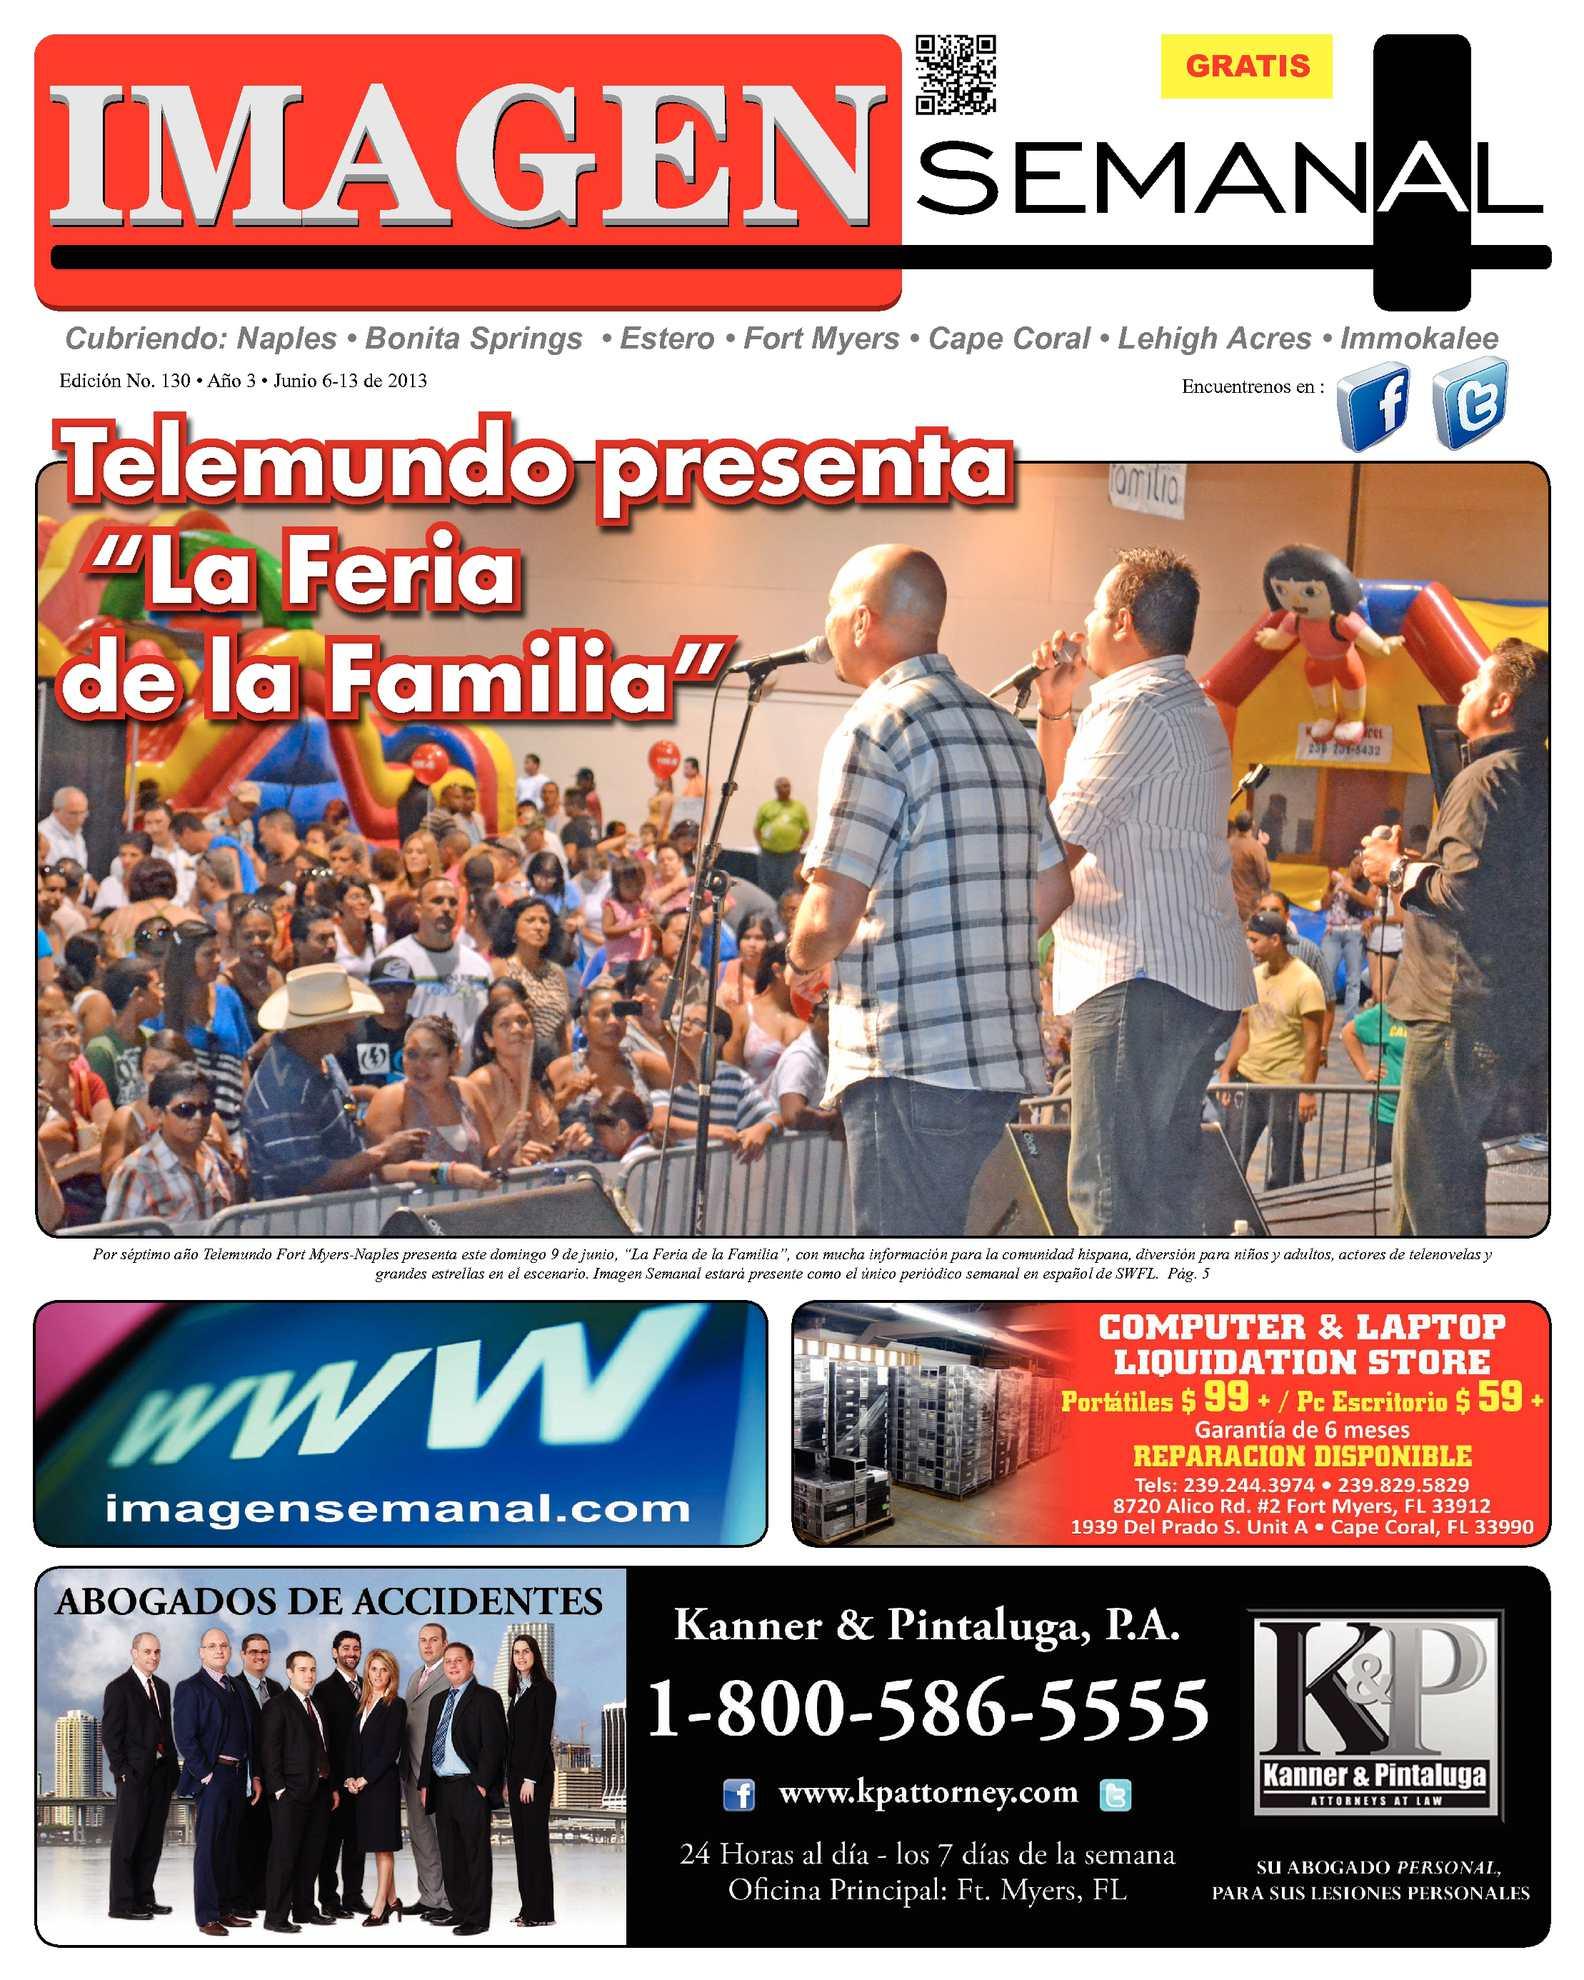 Calaméo - Imagen Semanal Edicion Impresa # 130